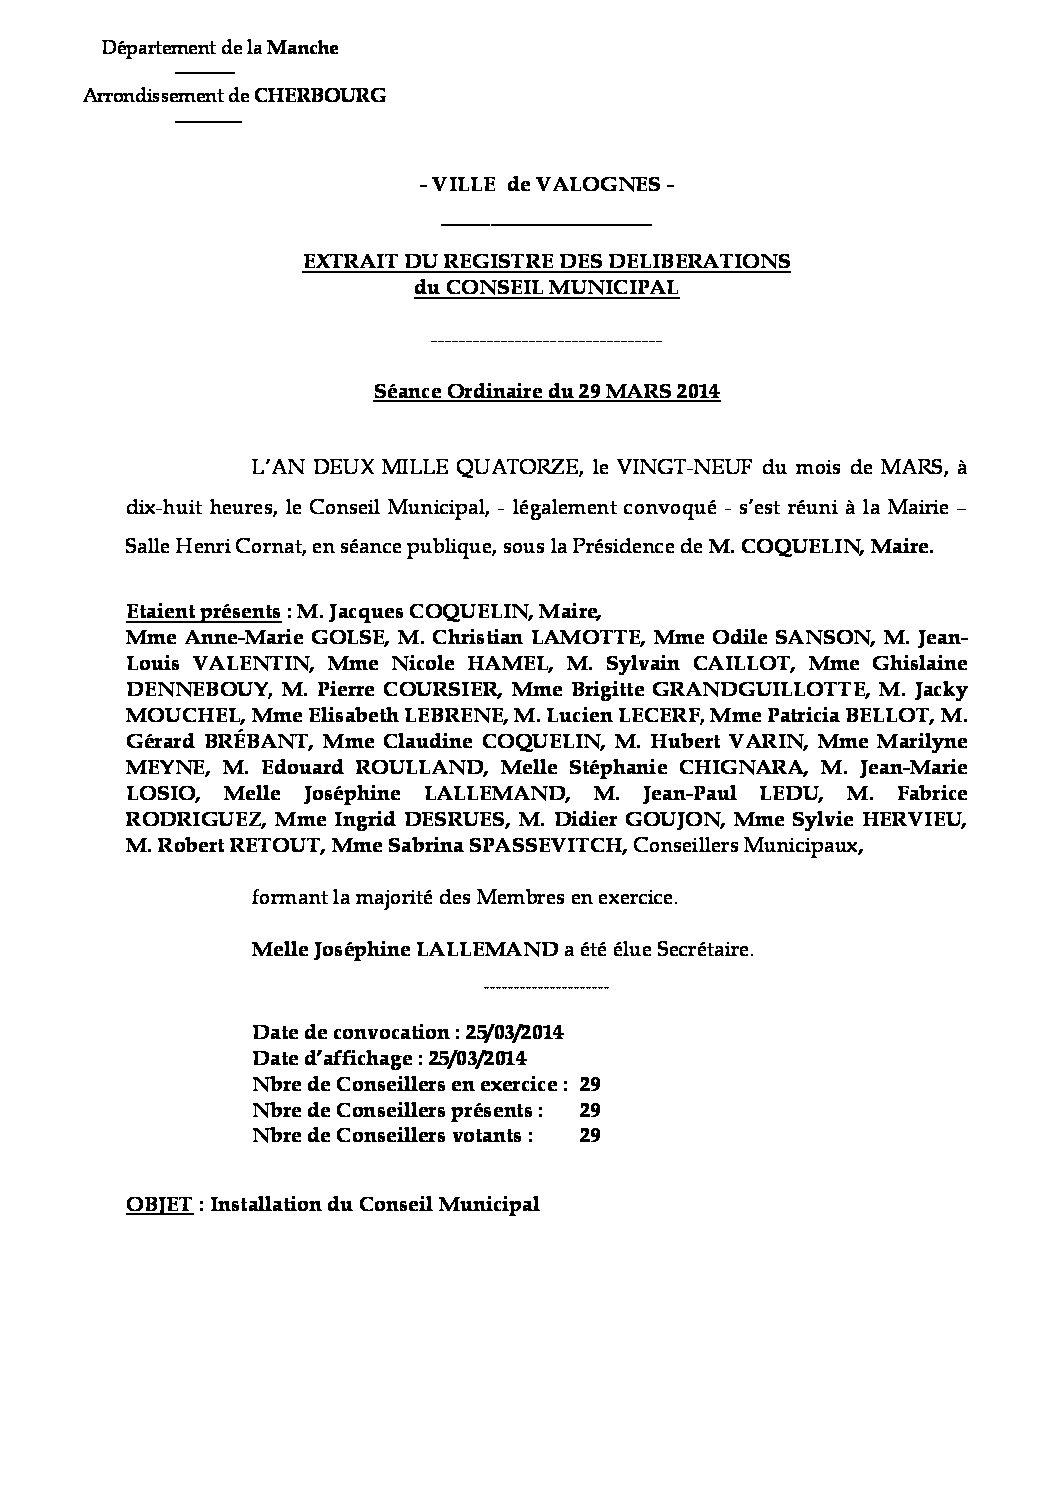 Extrait du registre des délibérations du 29-03-2014 - Extrait du registre des délibérations du Conseil Municipal du 29 mars 2014, relatif à l